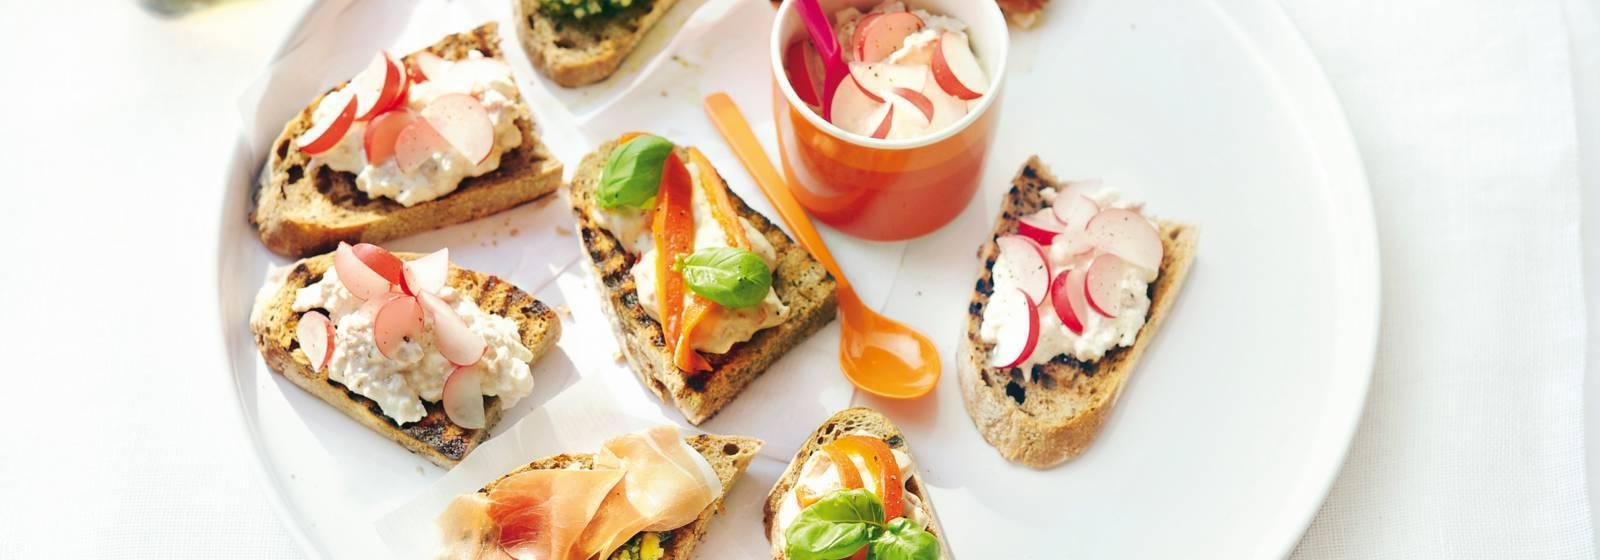 Hüttenkäse-tuna salad